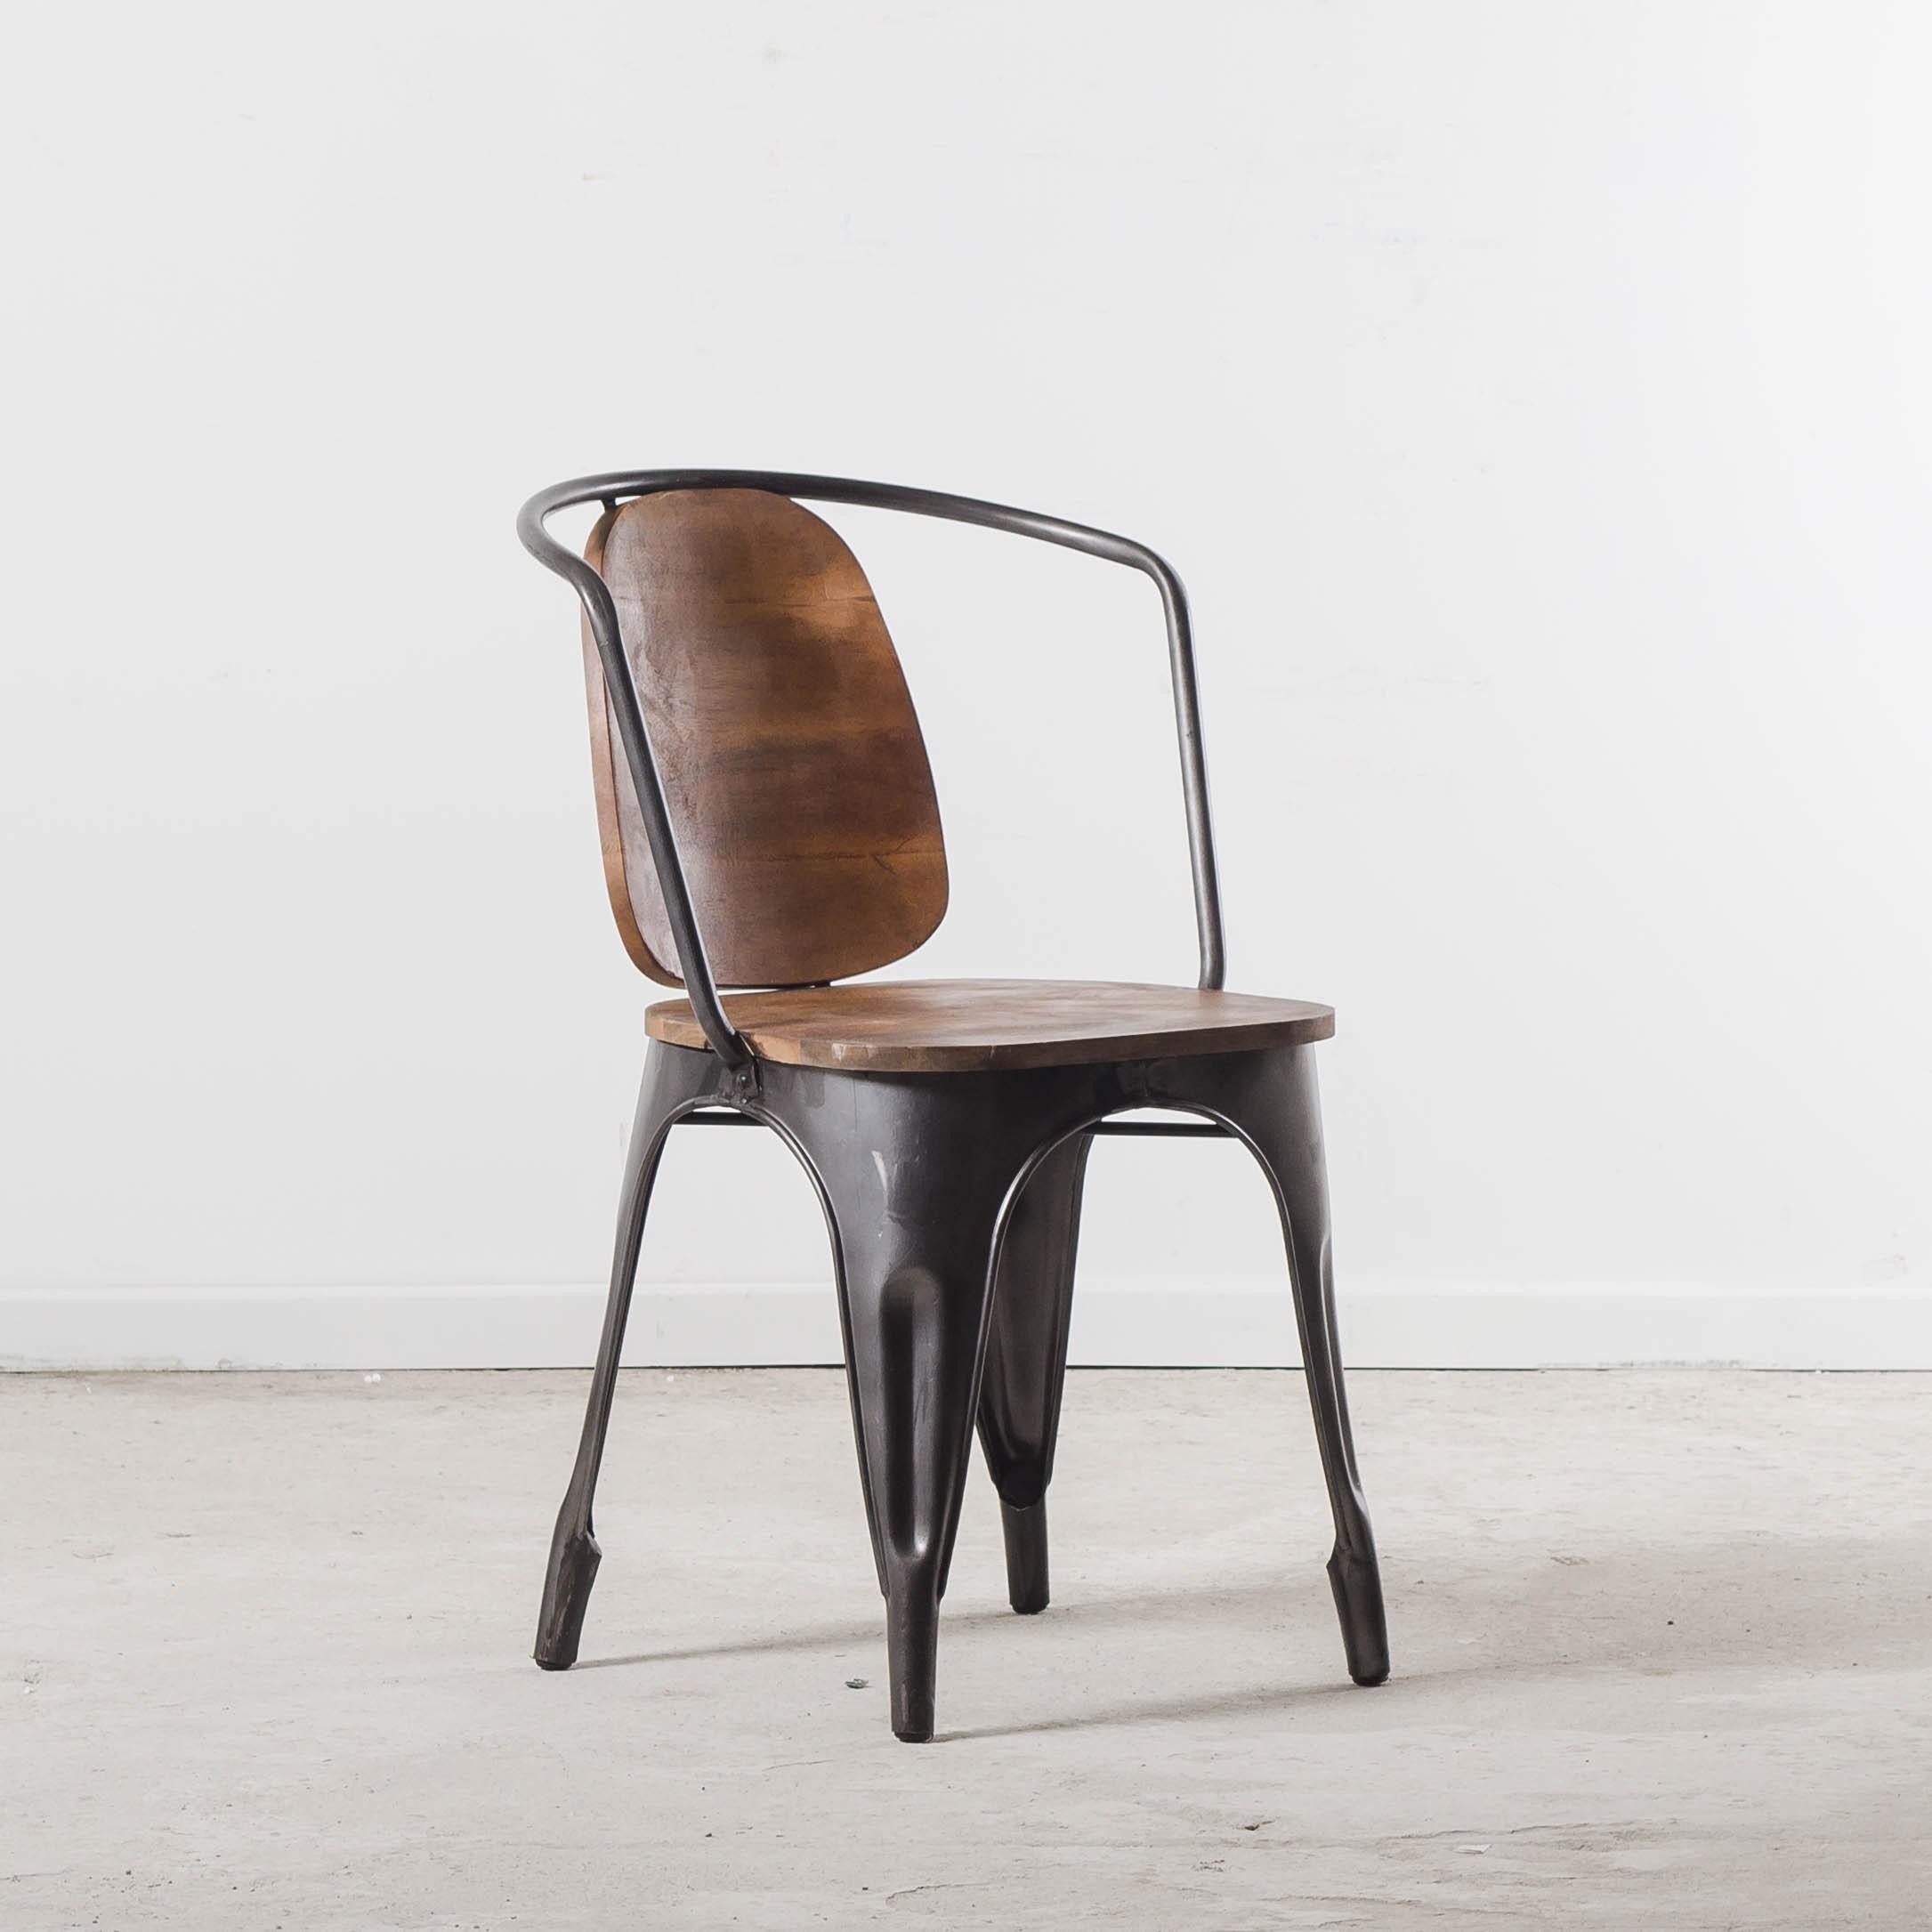 Style De Chaises Anciennes chaise siège esprit tolix, pour un intérieur style bistrot